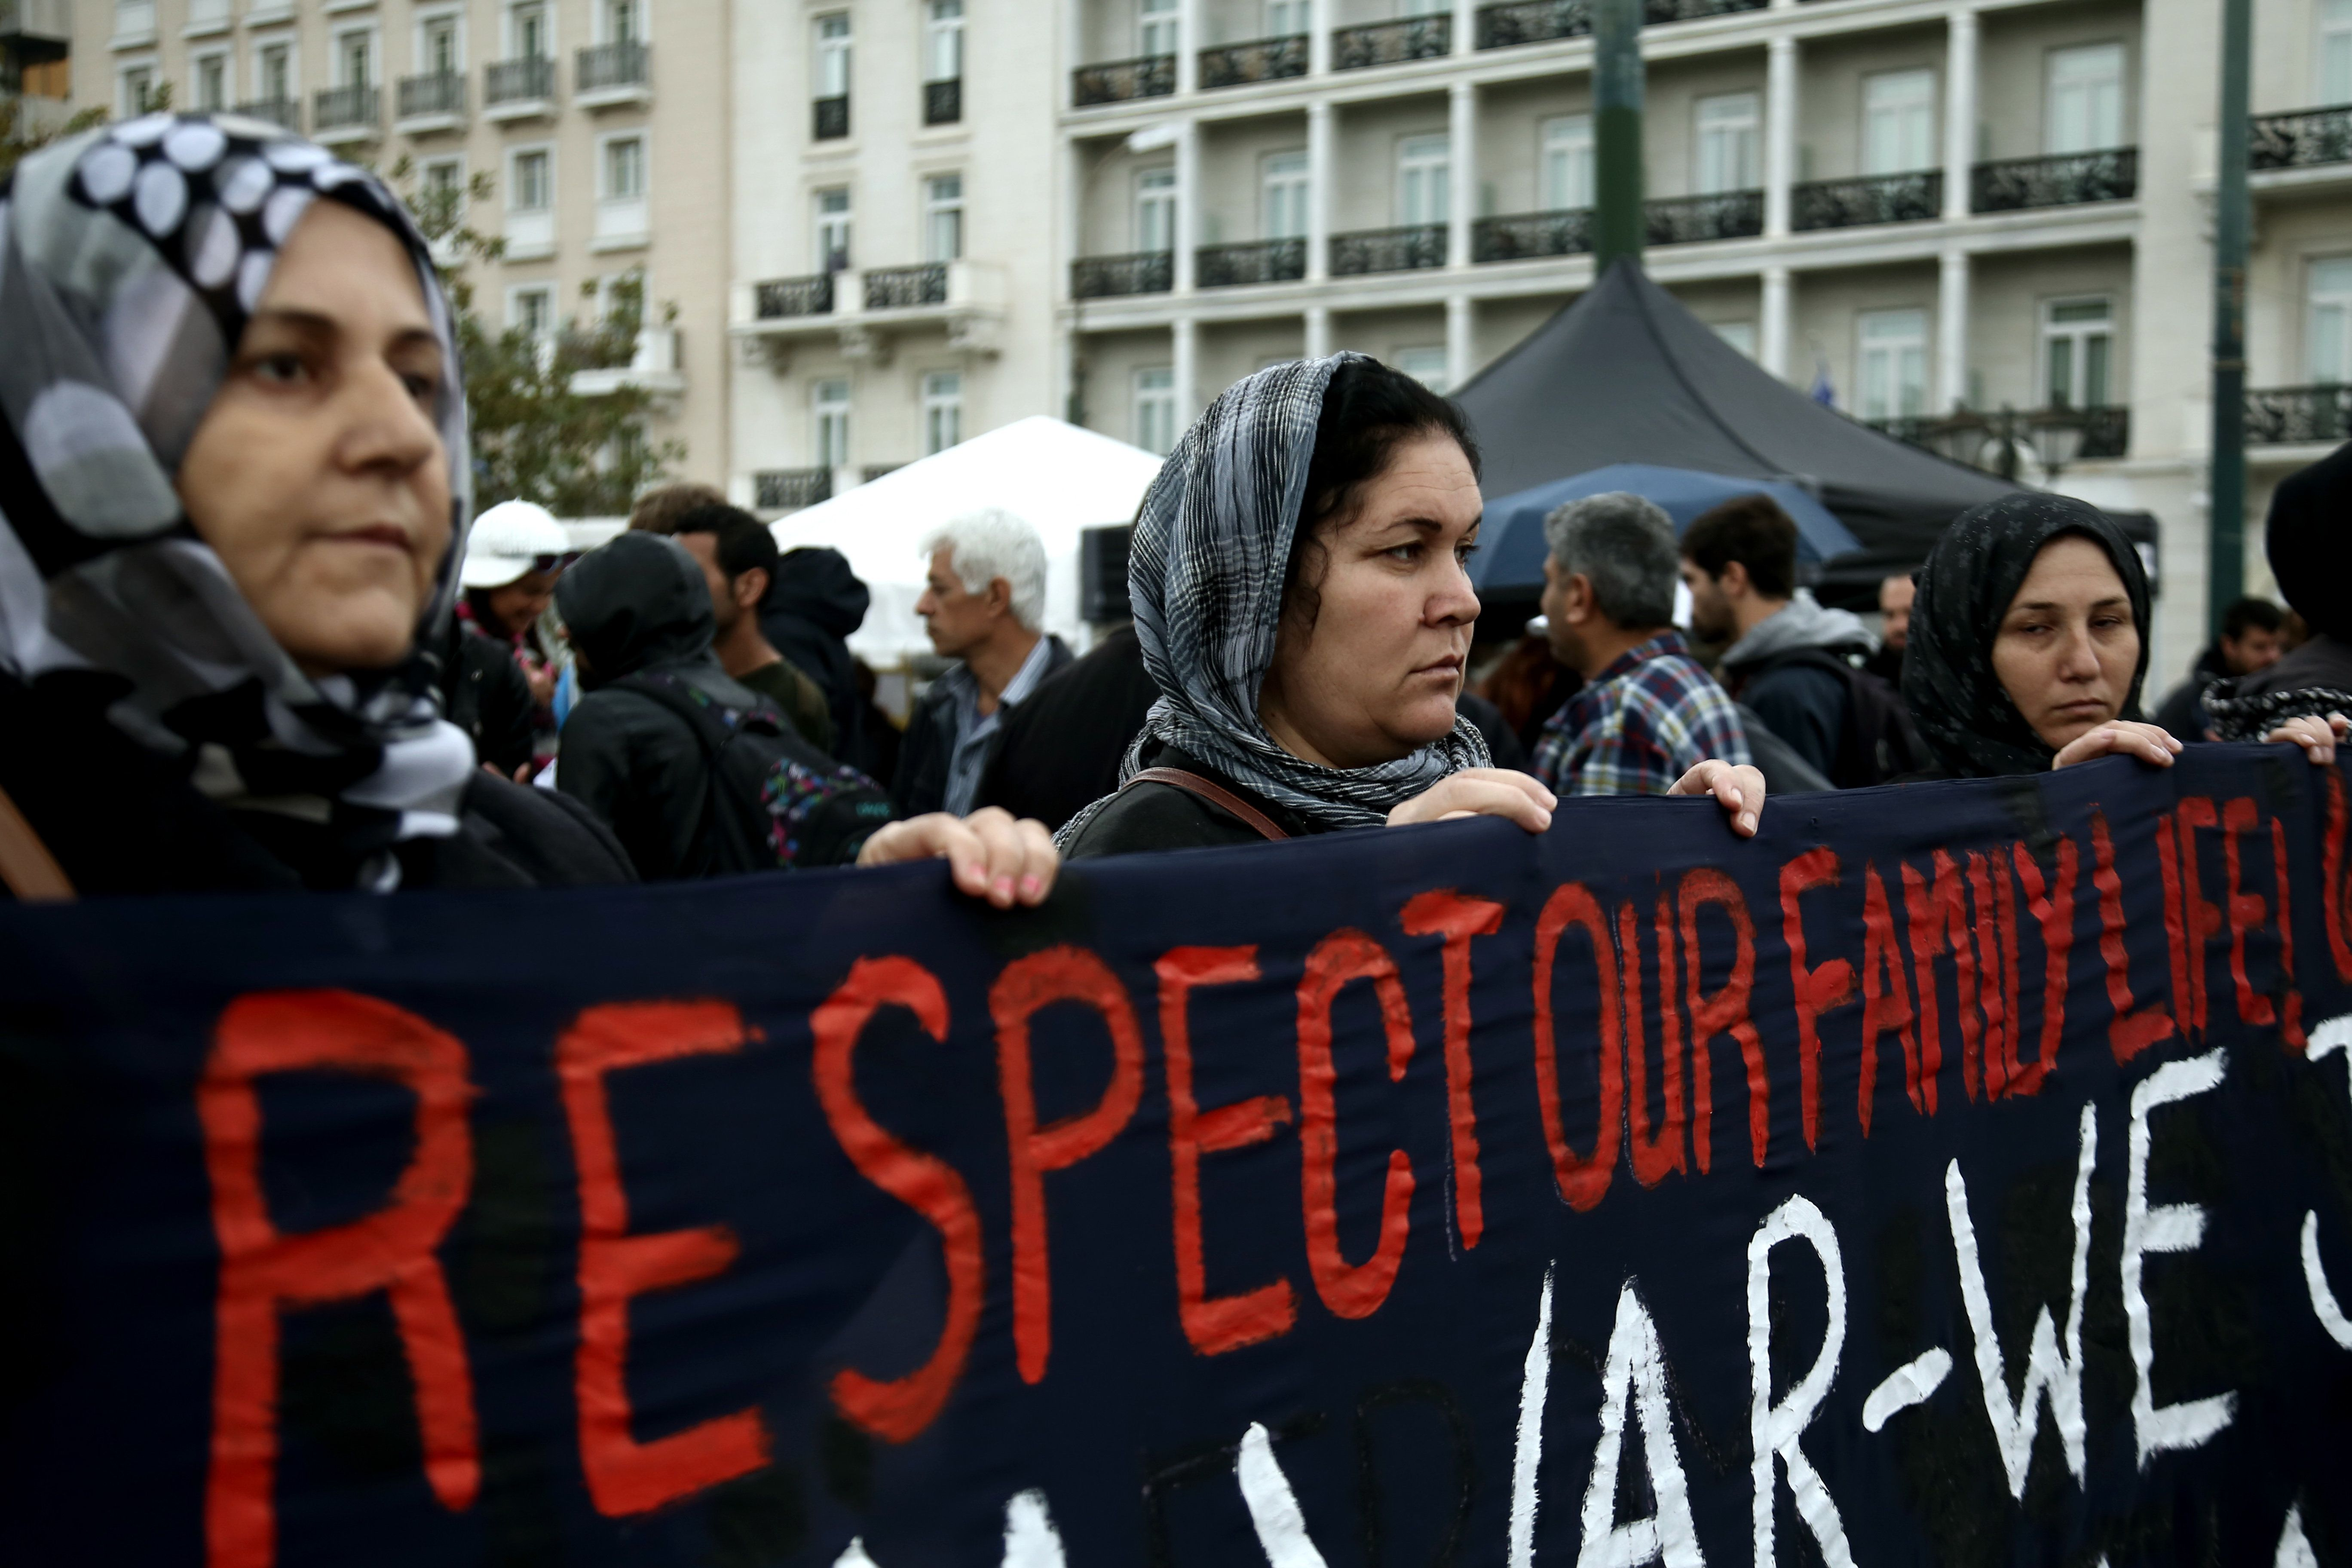 Οι συνθήκες υποδοχής των προσφύγων και η ανεργία τα βασικά ζητήματα στην ετήσια έκθεση της Διεθνούς Αμνηστίας για το